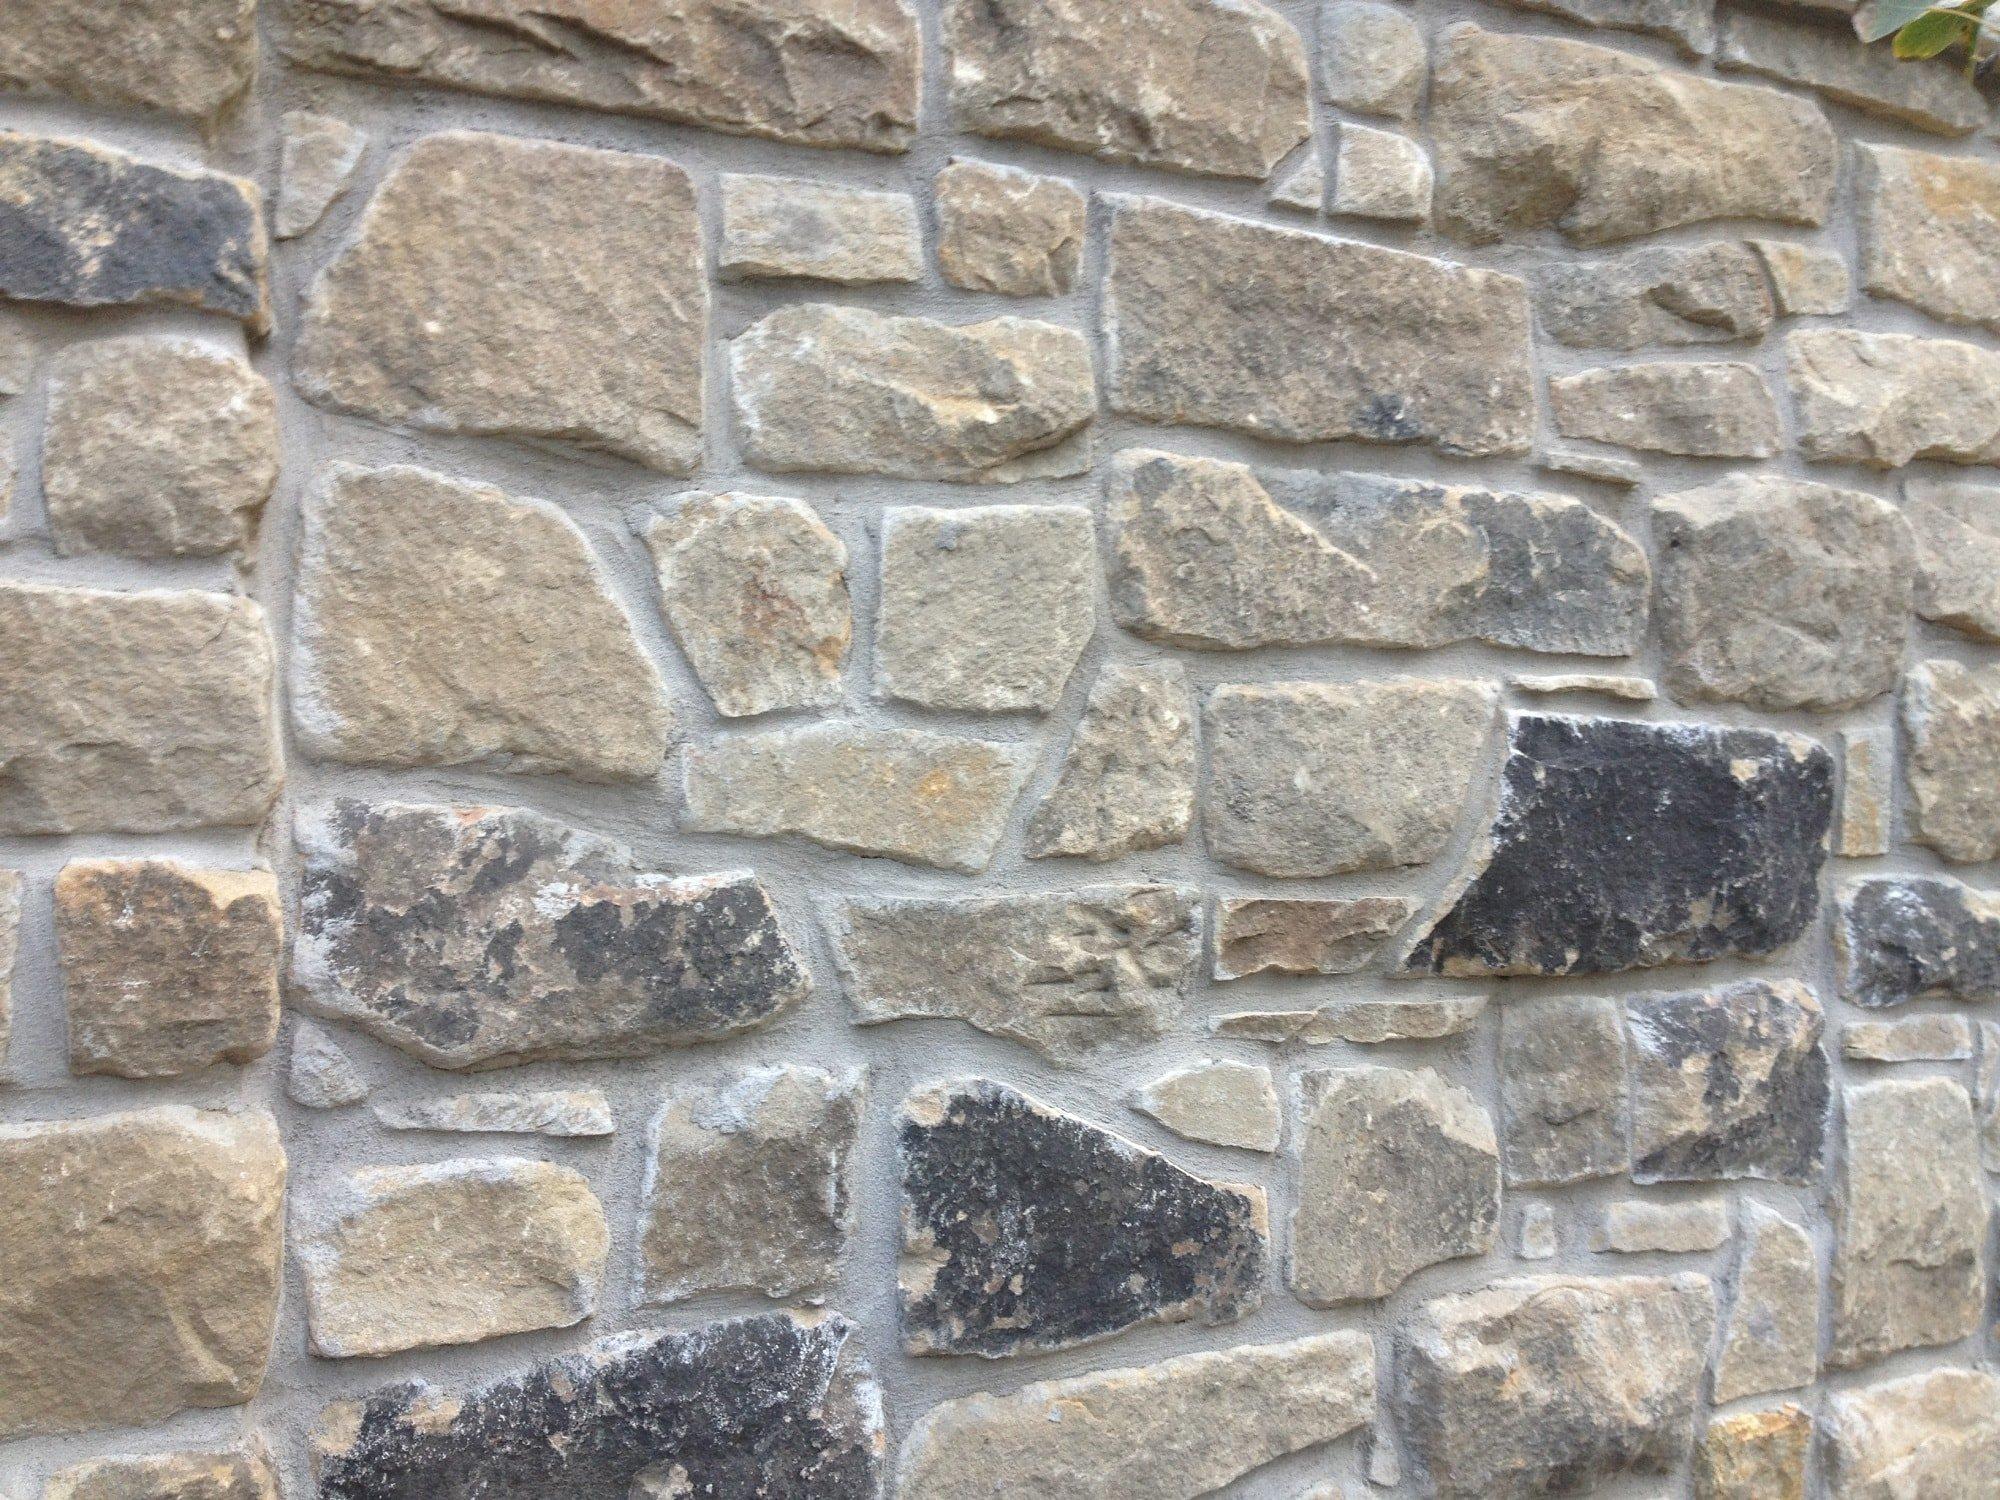 Close-up view of a Bluestone Cobblestone wall.